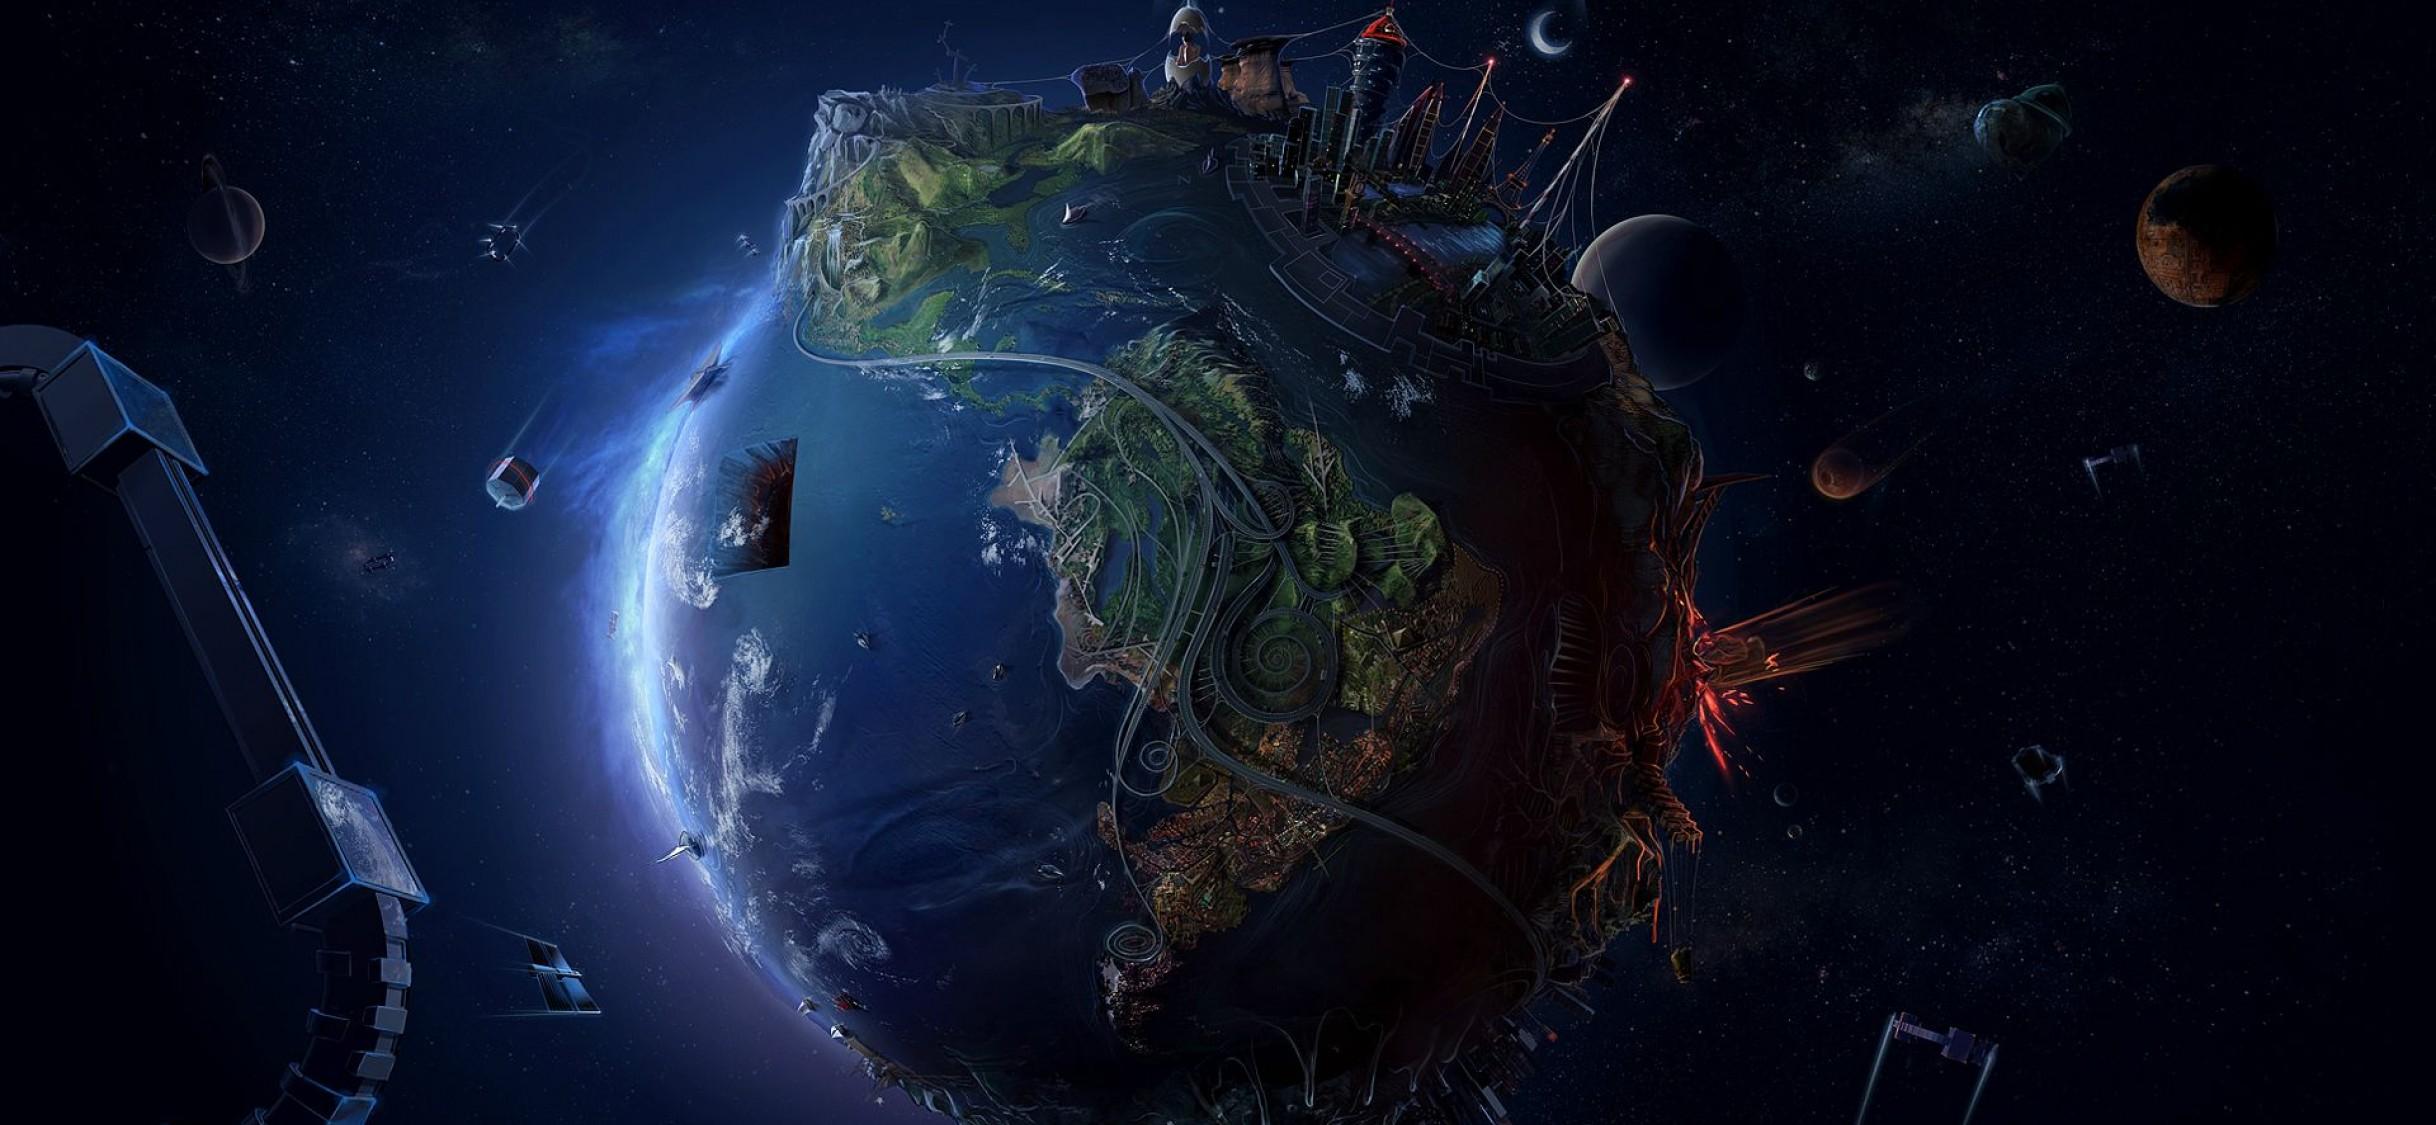 World At Night Hd Wallpaper Iphone X Hd Wallpaper